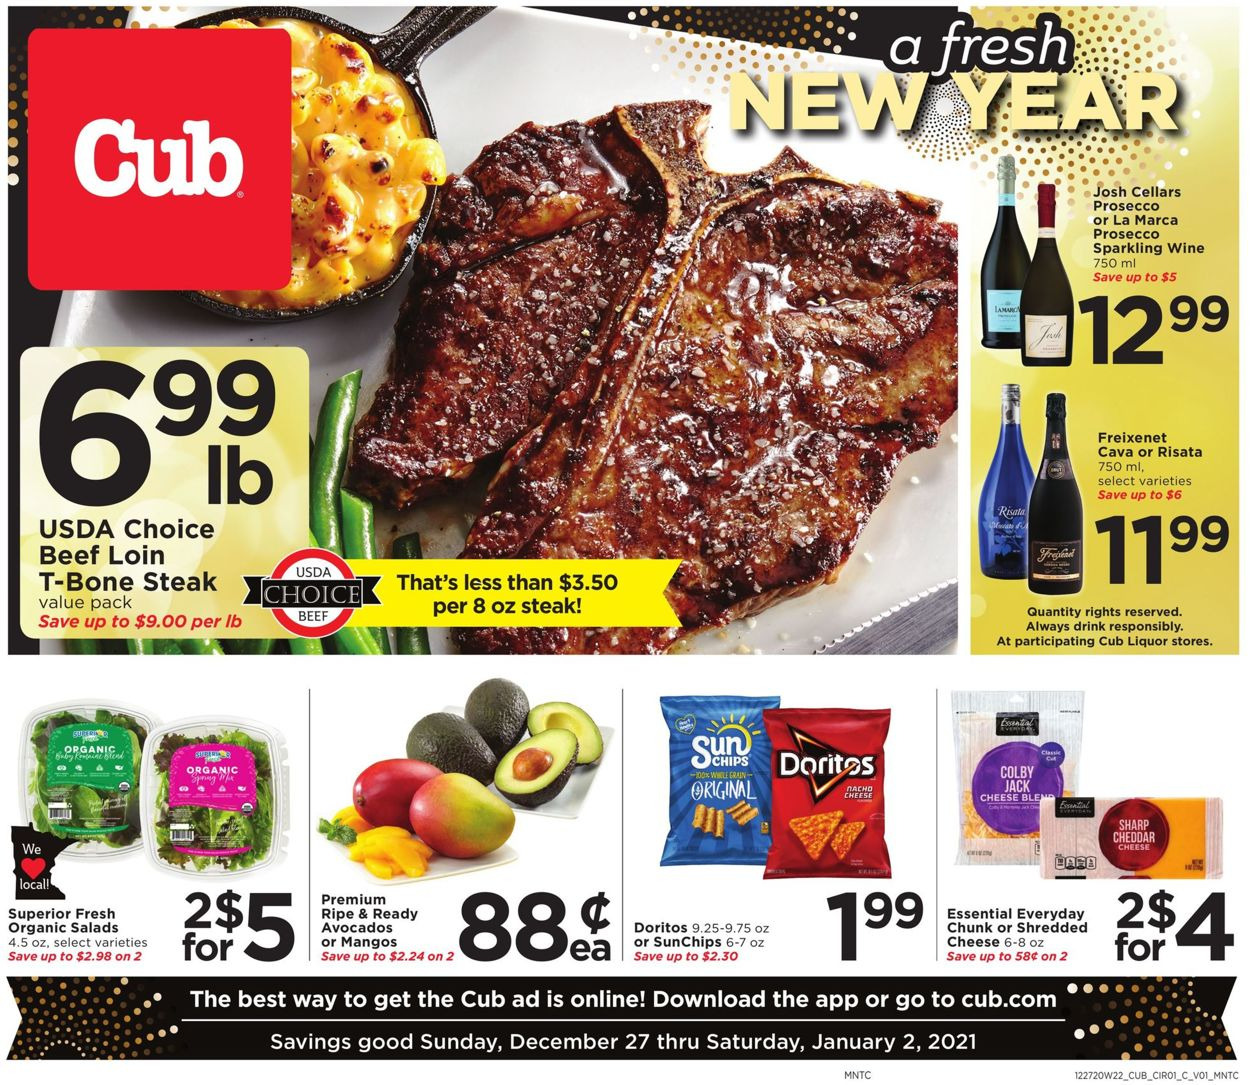 Cub Foods Grocery Savings Weekly Ad Circular - valid 12/27-01/02/2021